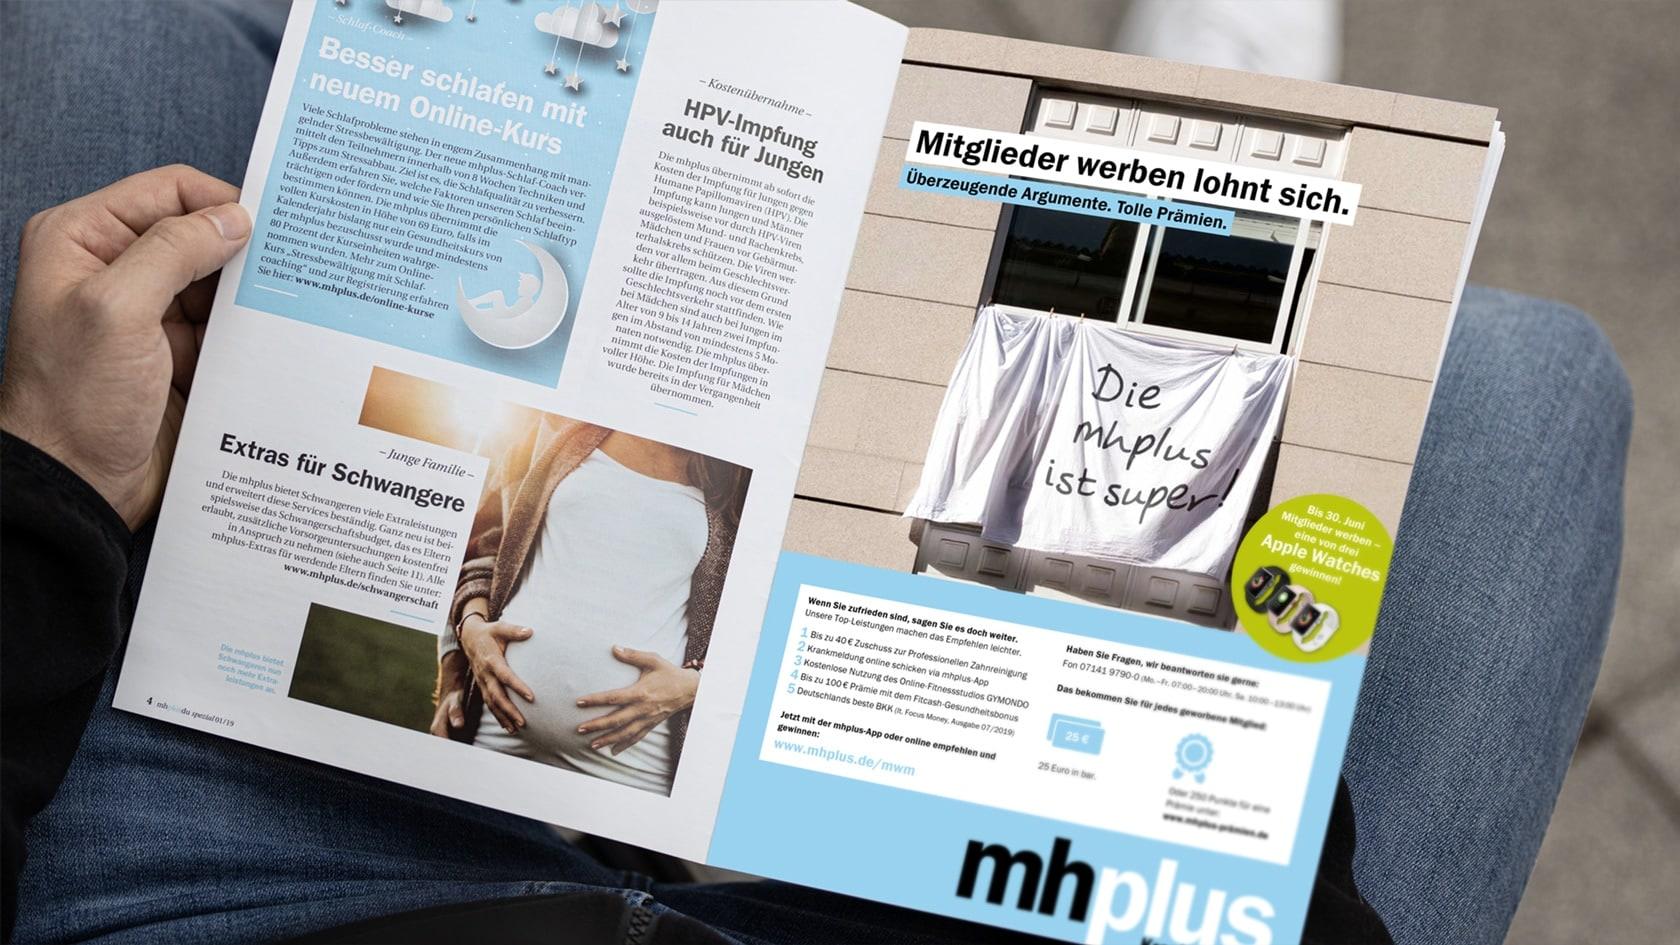 mhplus-arbeiten-05